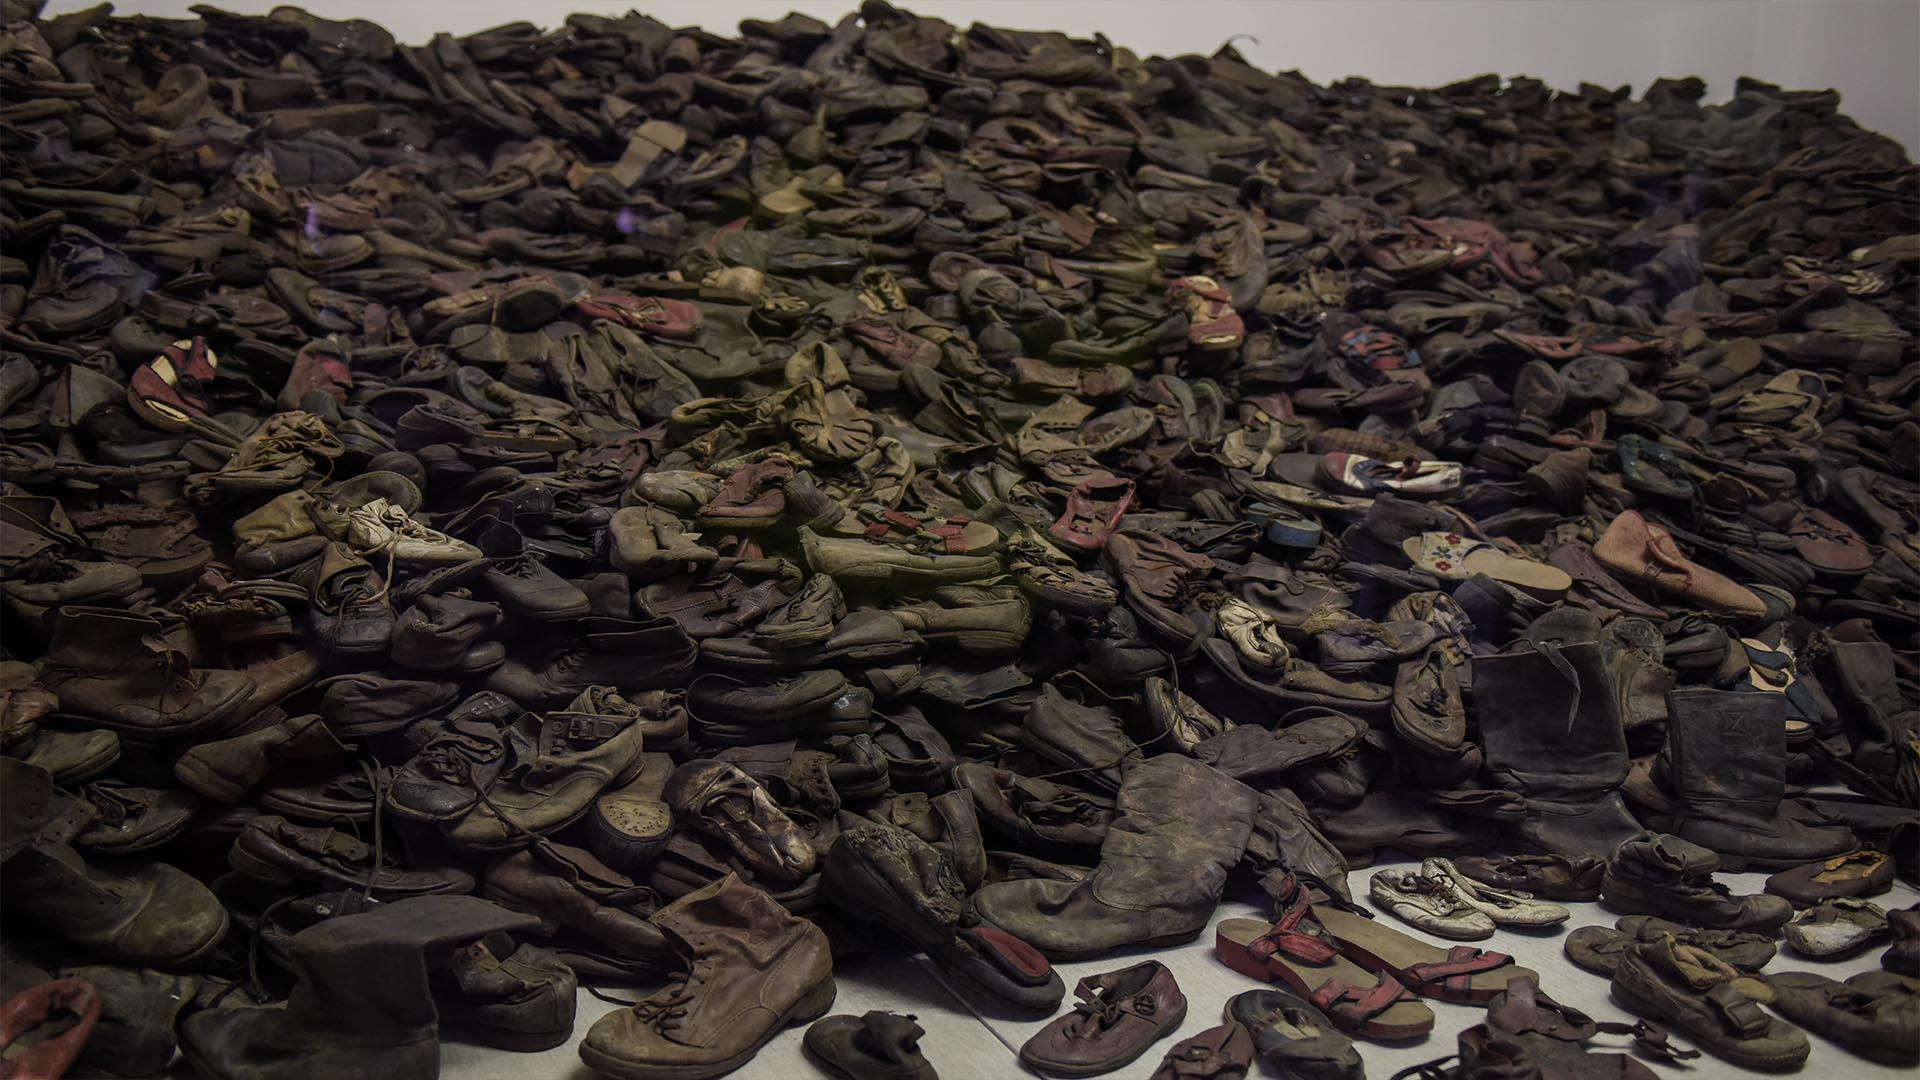 Una imagen que refleja las atrocidades del nazismo